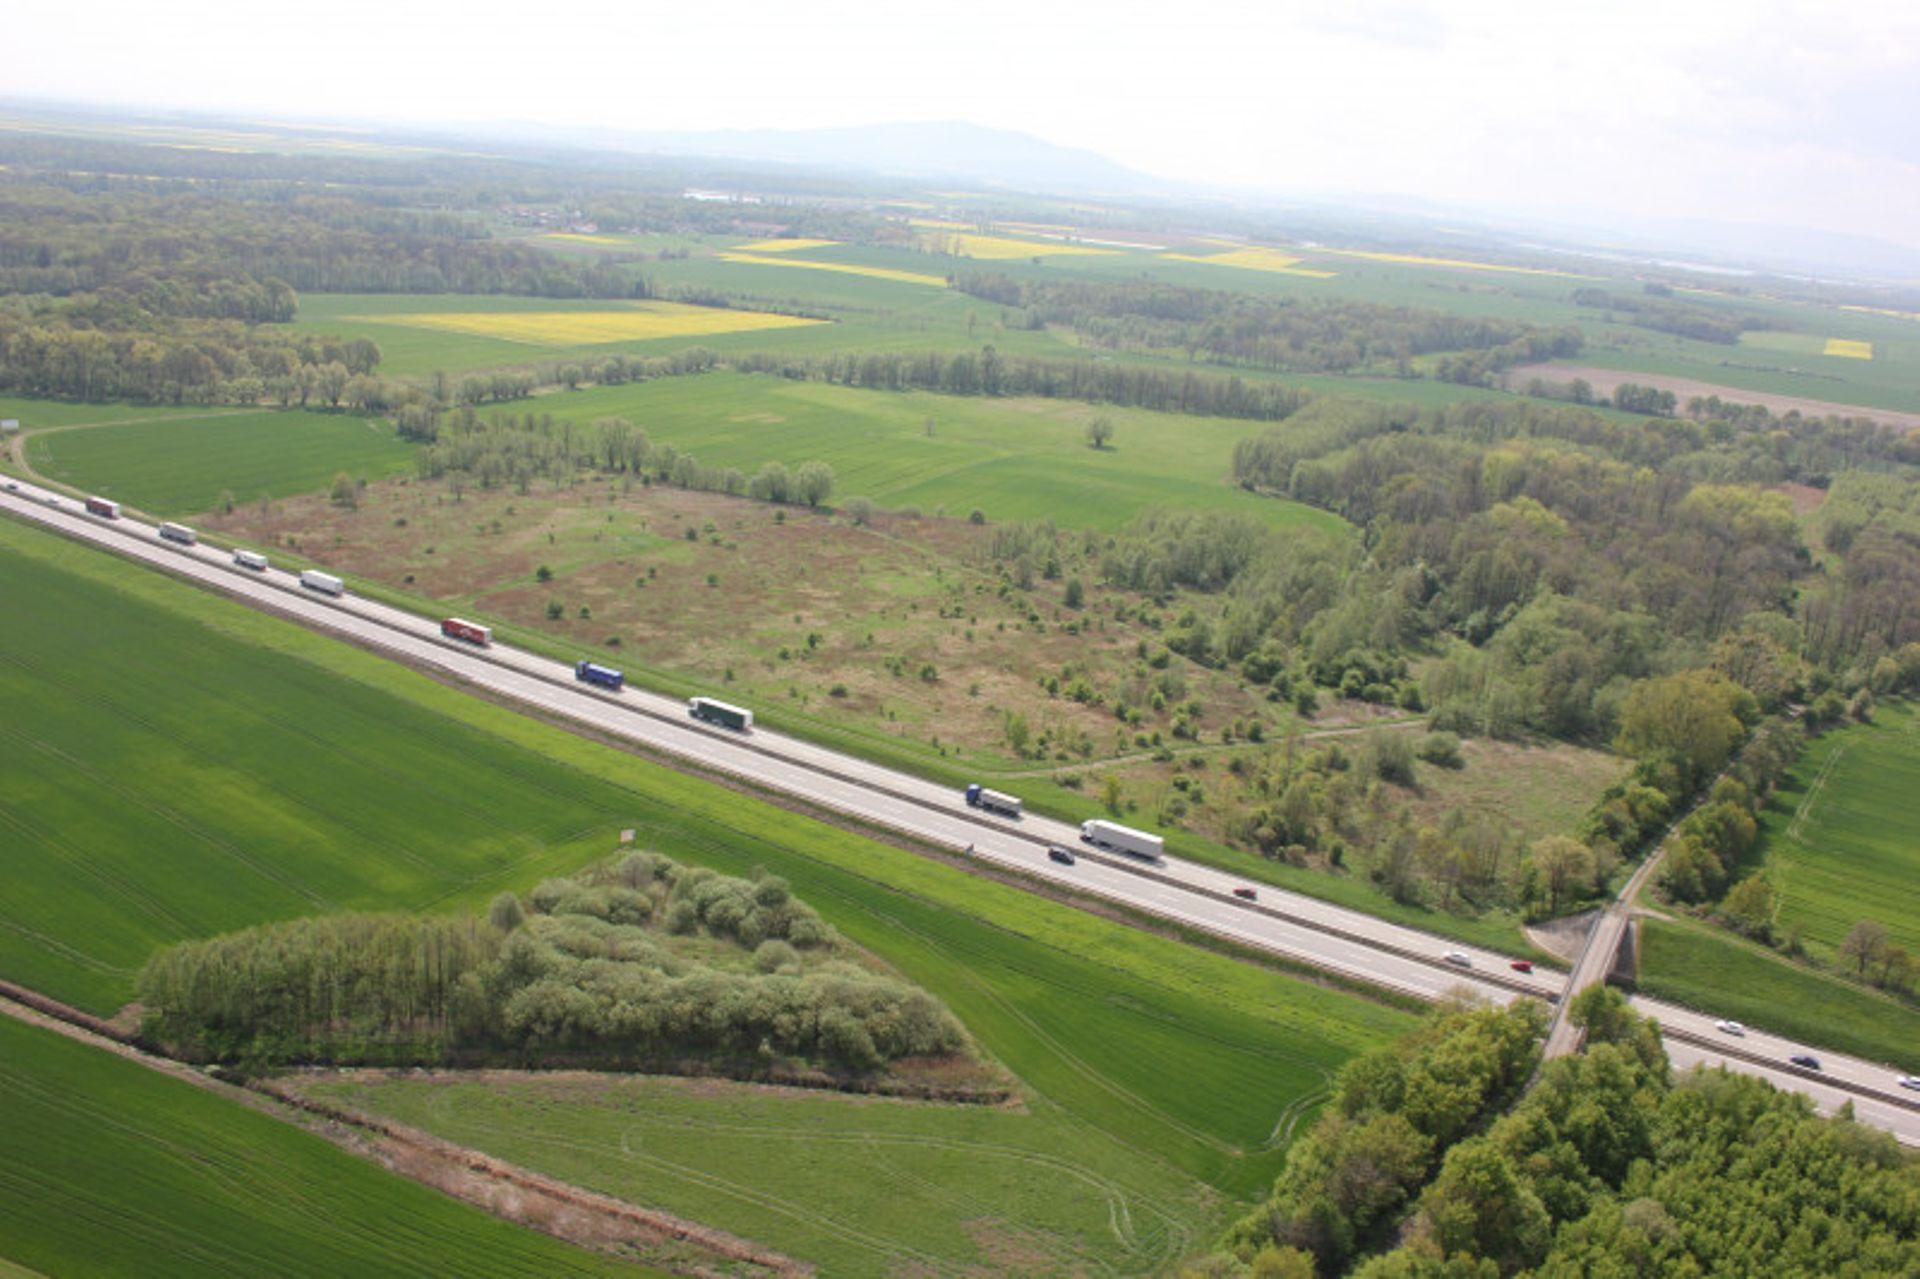 Pięć firm zainteresowanych jest opracowaniem dokumentacji dla budowy i rozbudowy autostrady A4 od Krzyżowej do Legnicy